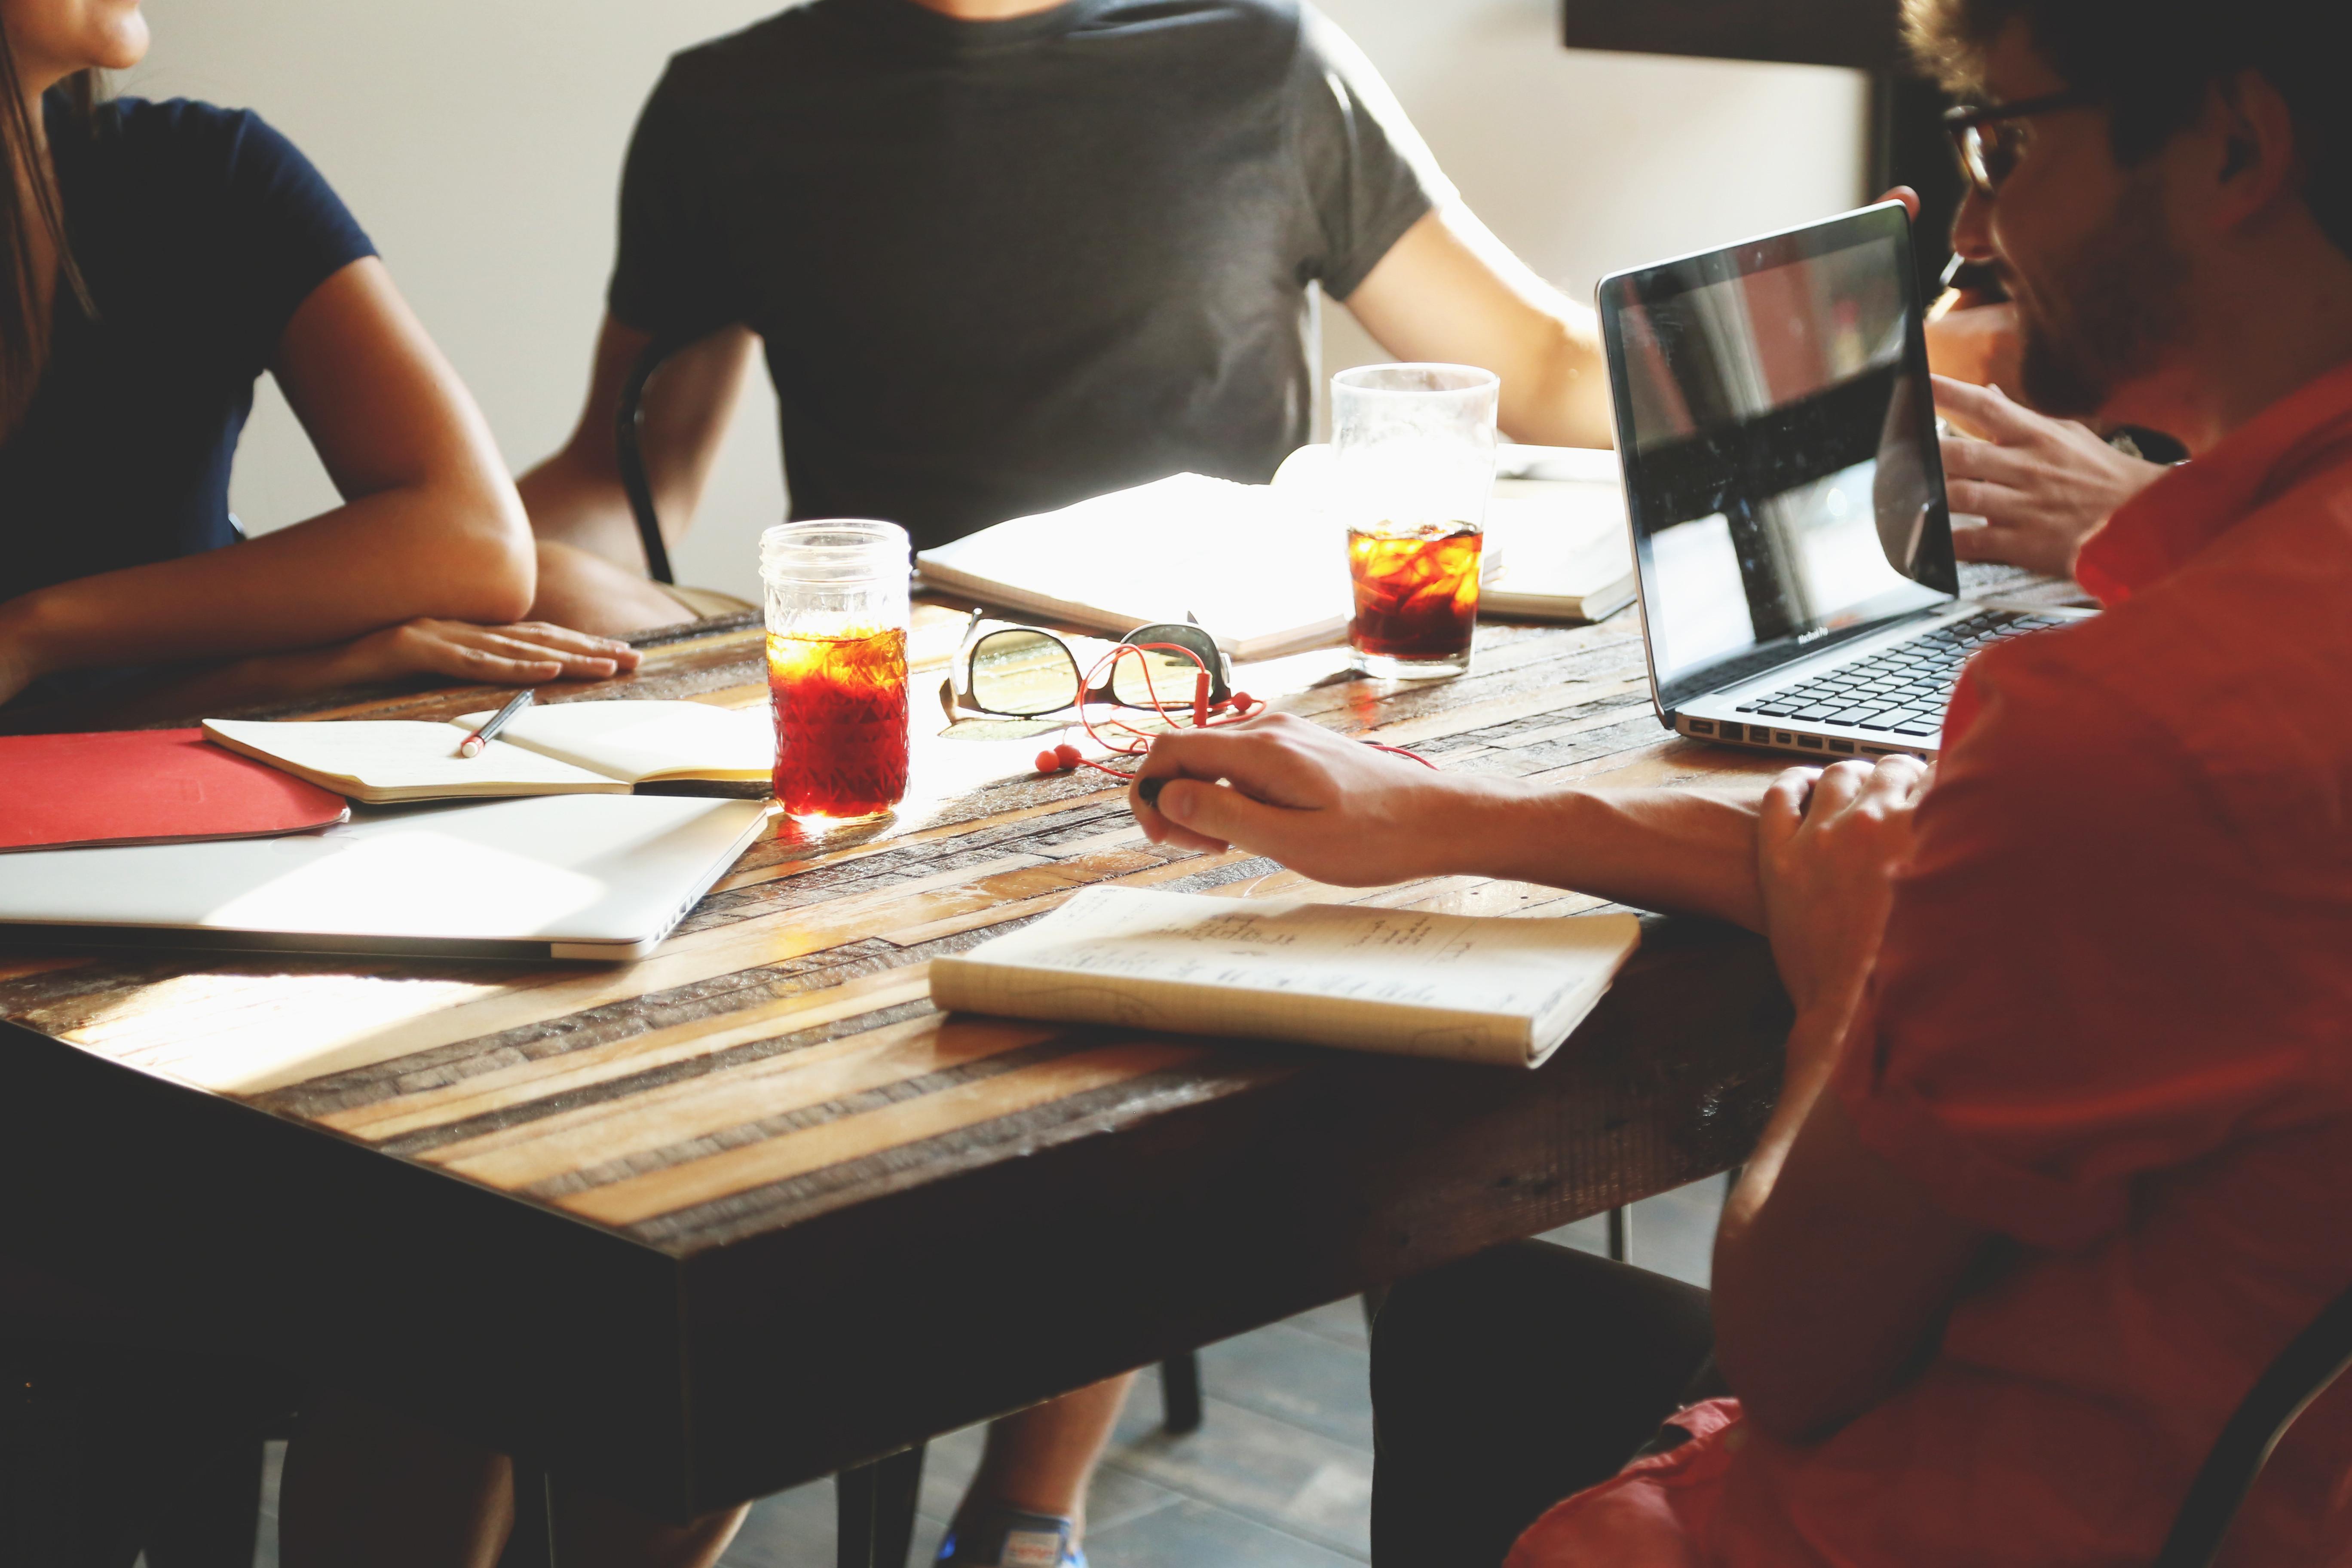 Drei Personen sitzen zu einer Besprechung des Themas Digital Asset Management am Tisch mit Getränken und Notizblöcken